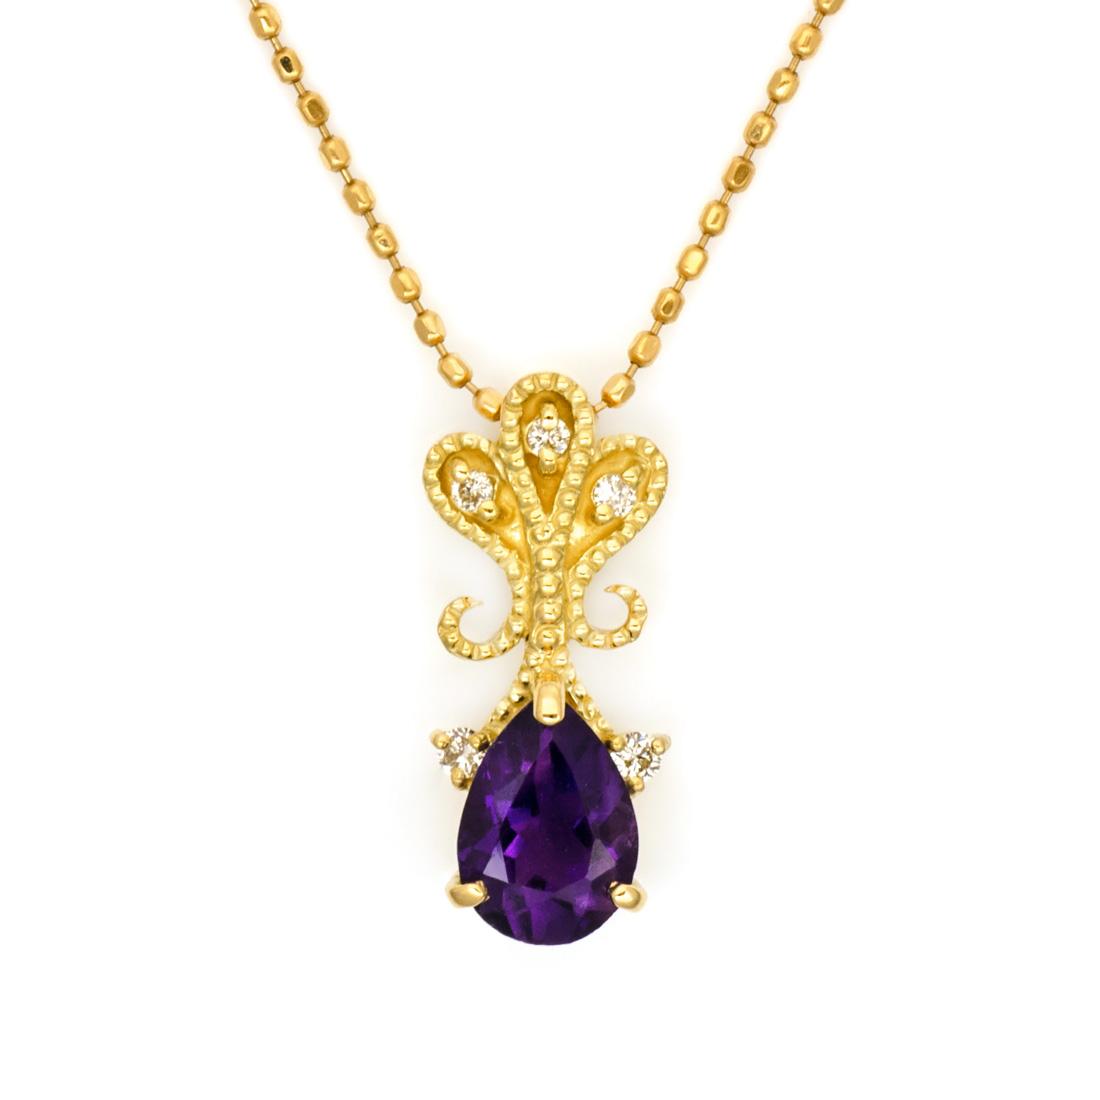 ペンダントトップ アメシスト ダイヤモンド 「lacrima」 ゴールド K18